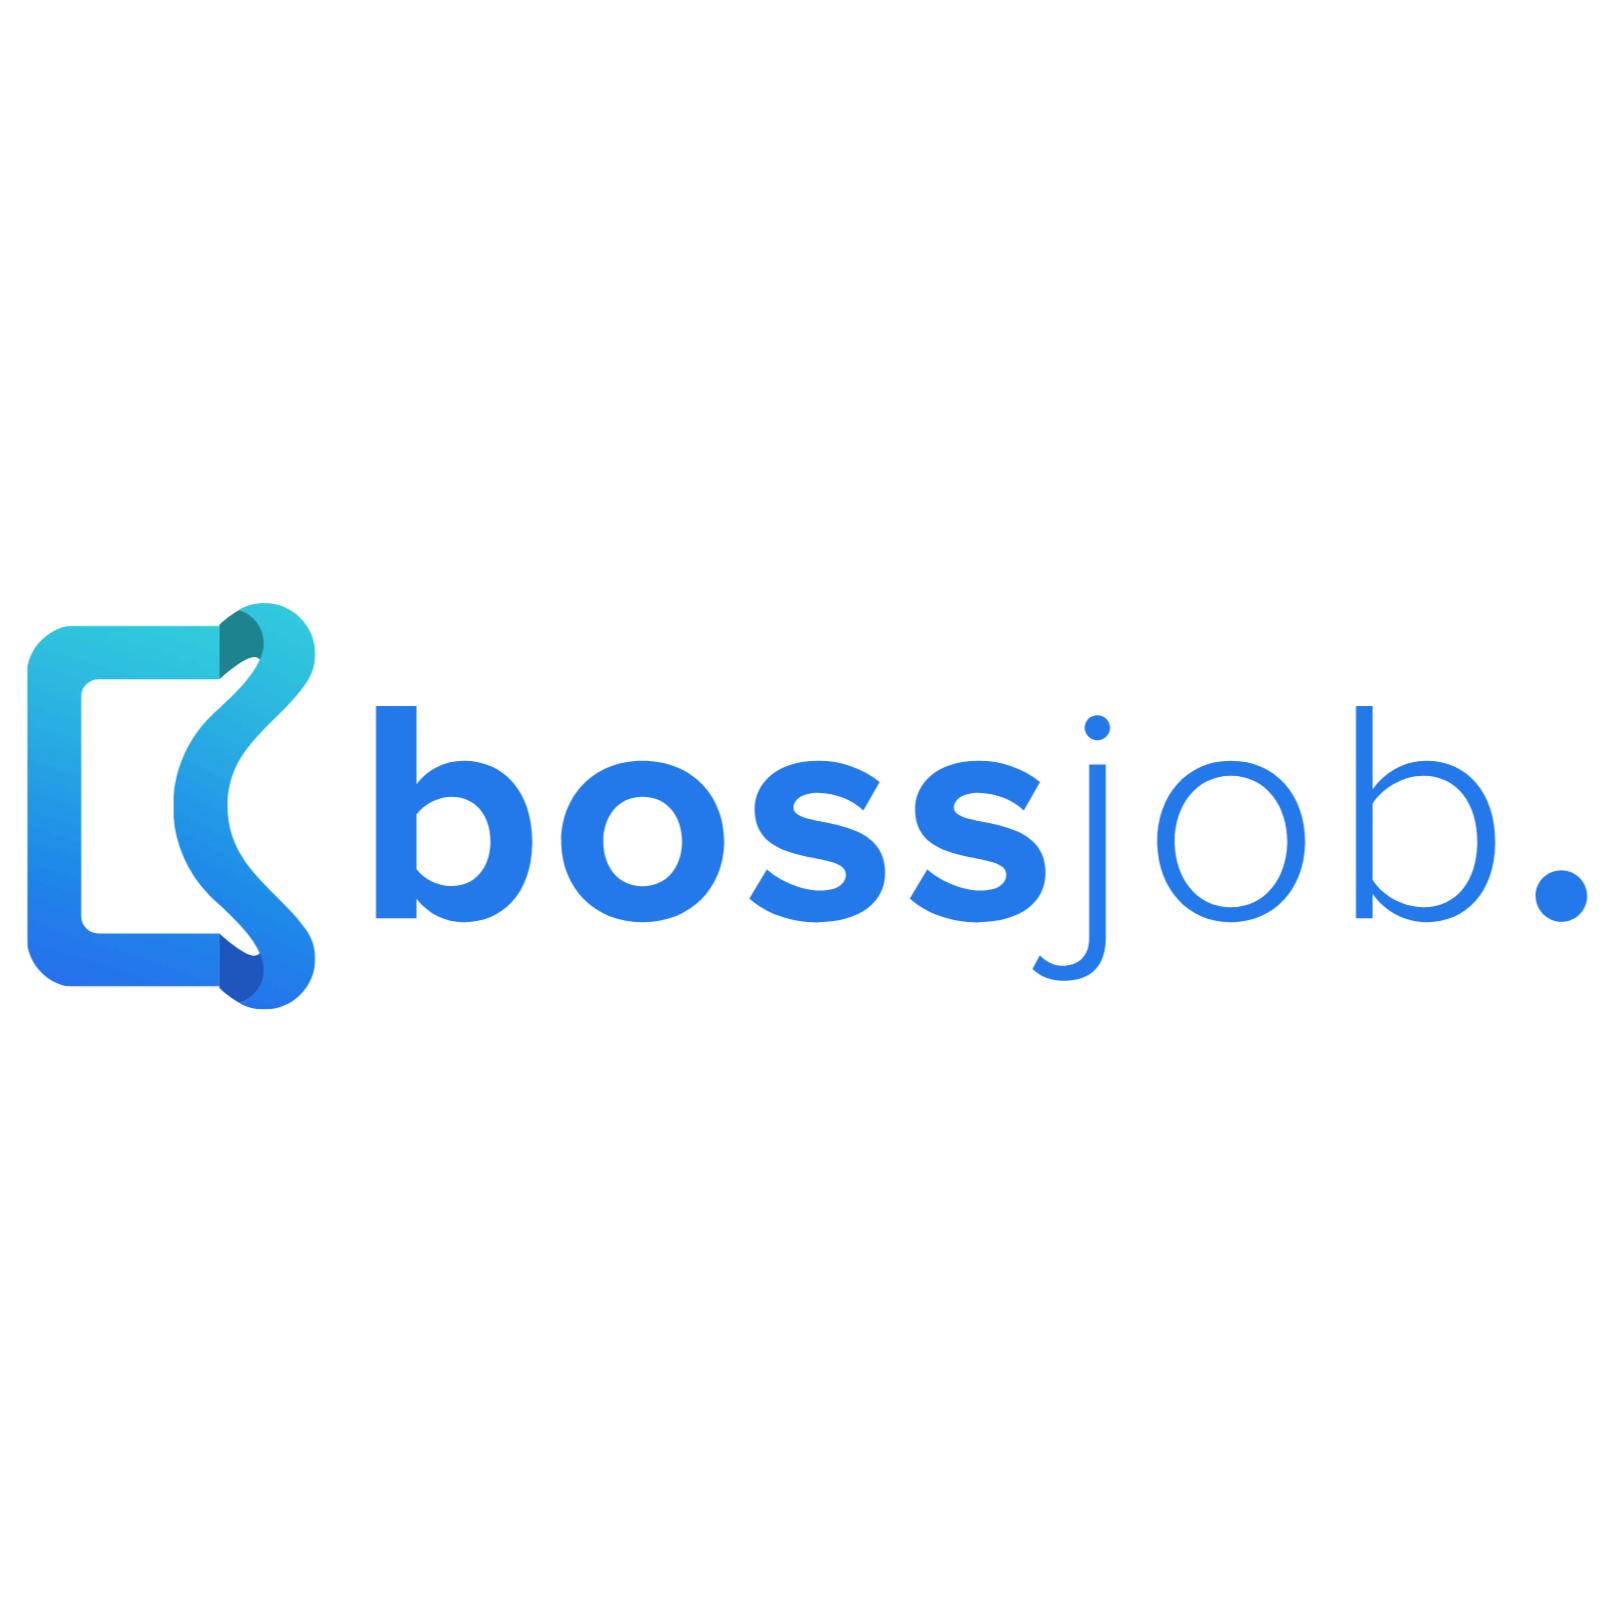 Bossjob